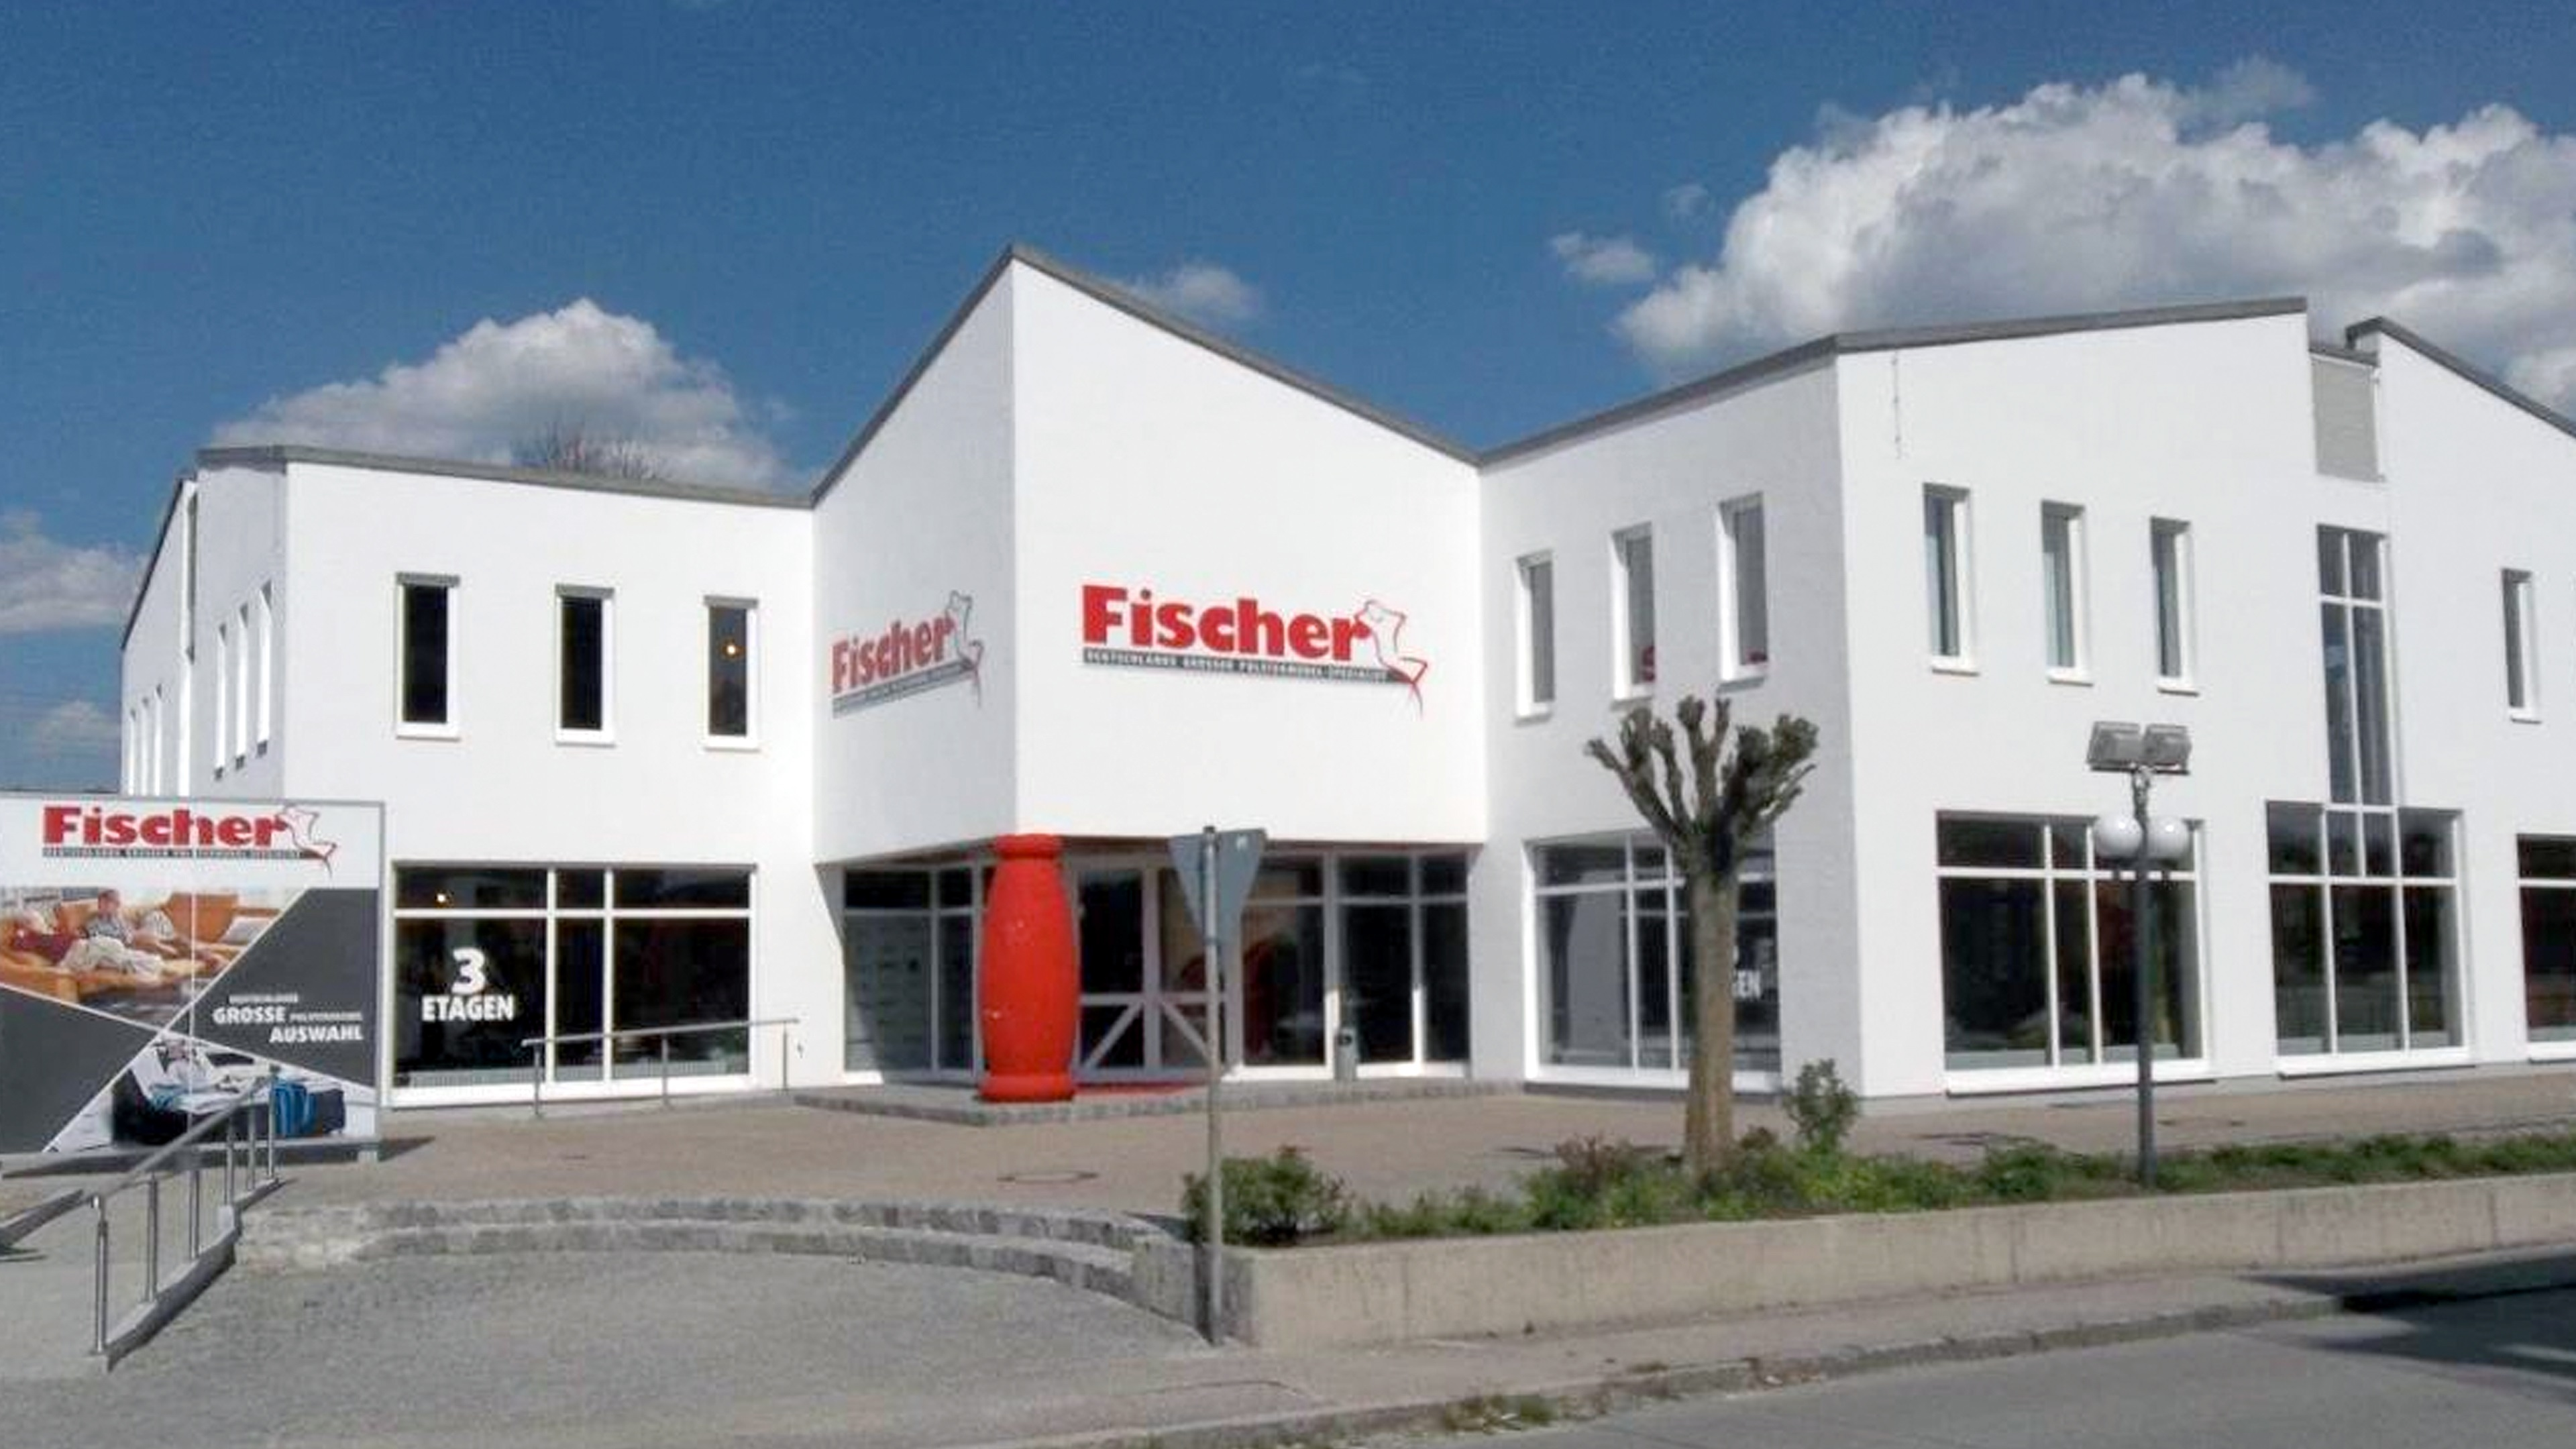 polstermoebel-fischer-max-fischer-gmbh-neuoetting banner